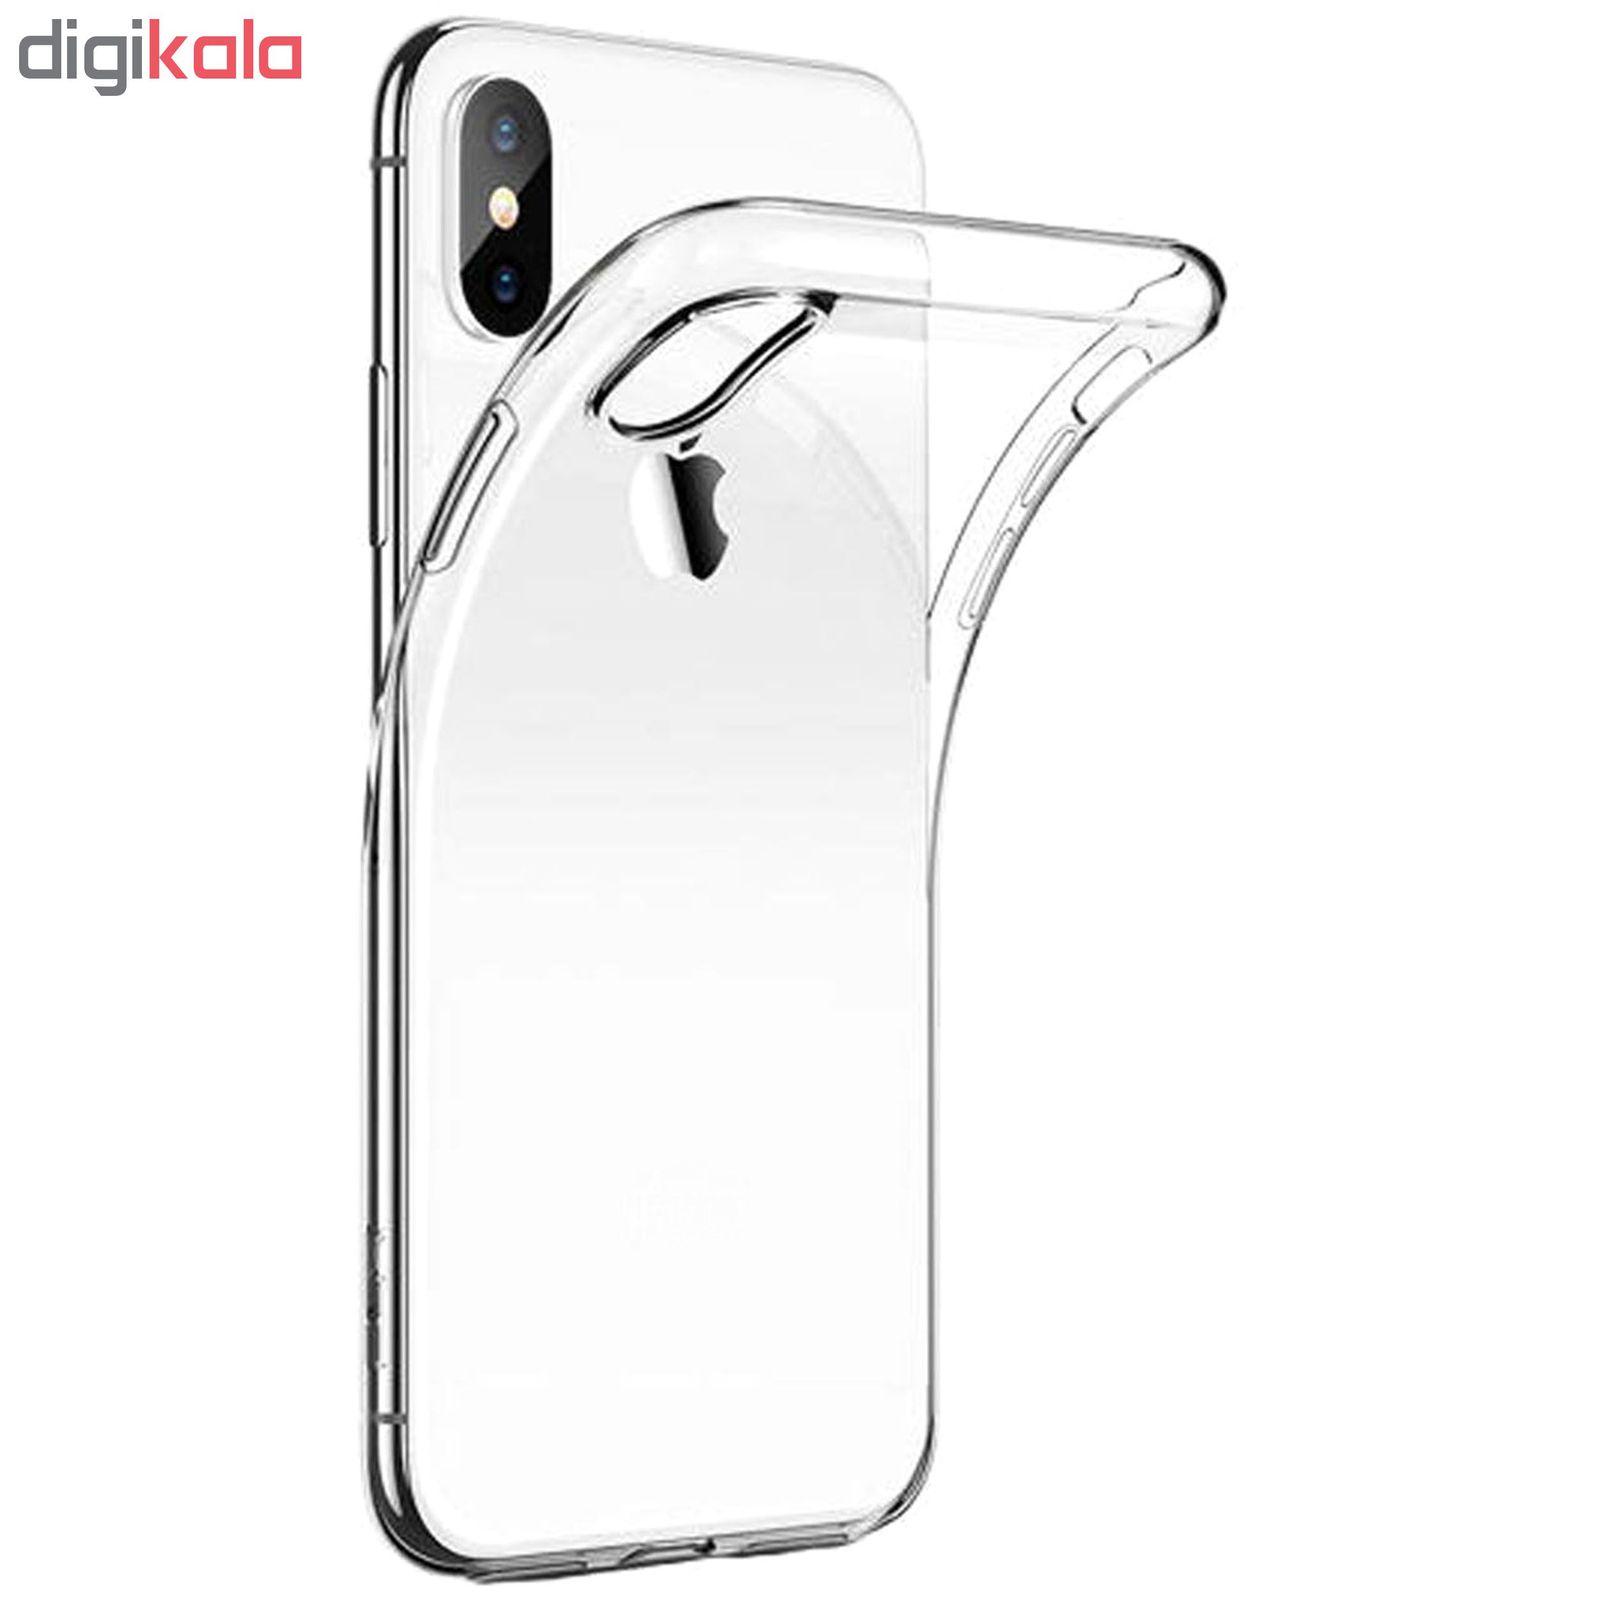 کاور مدل St030 مناسب برای گوشی موبایل اپل Iphone XS Max main 1 1